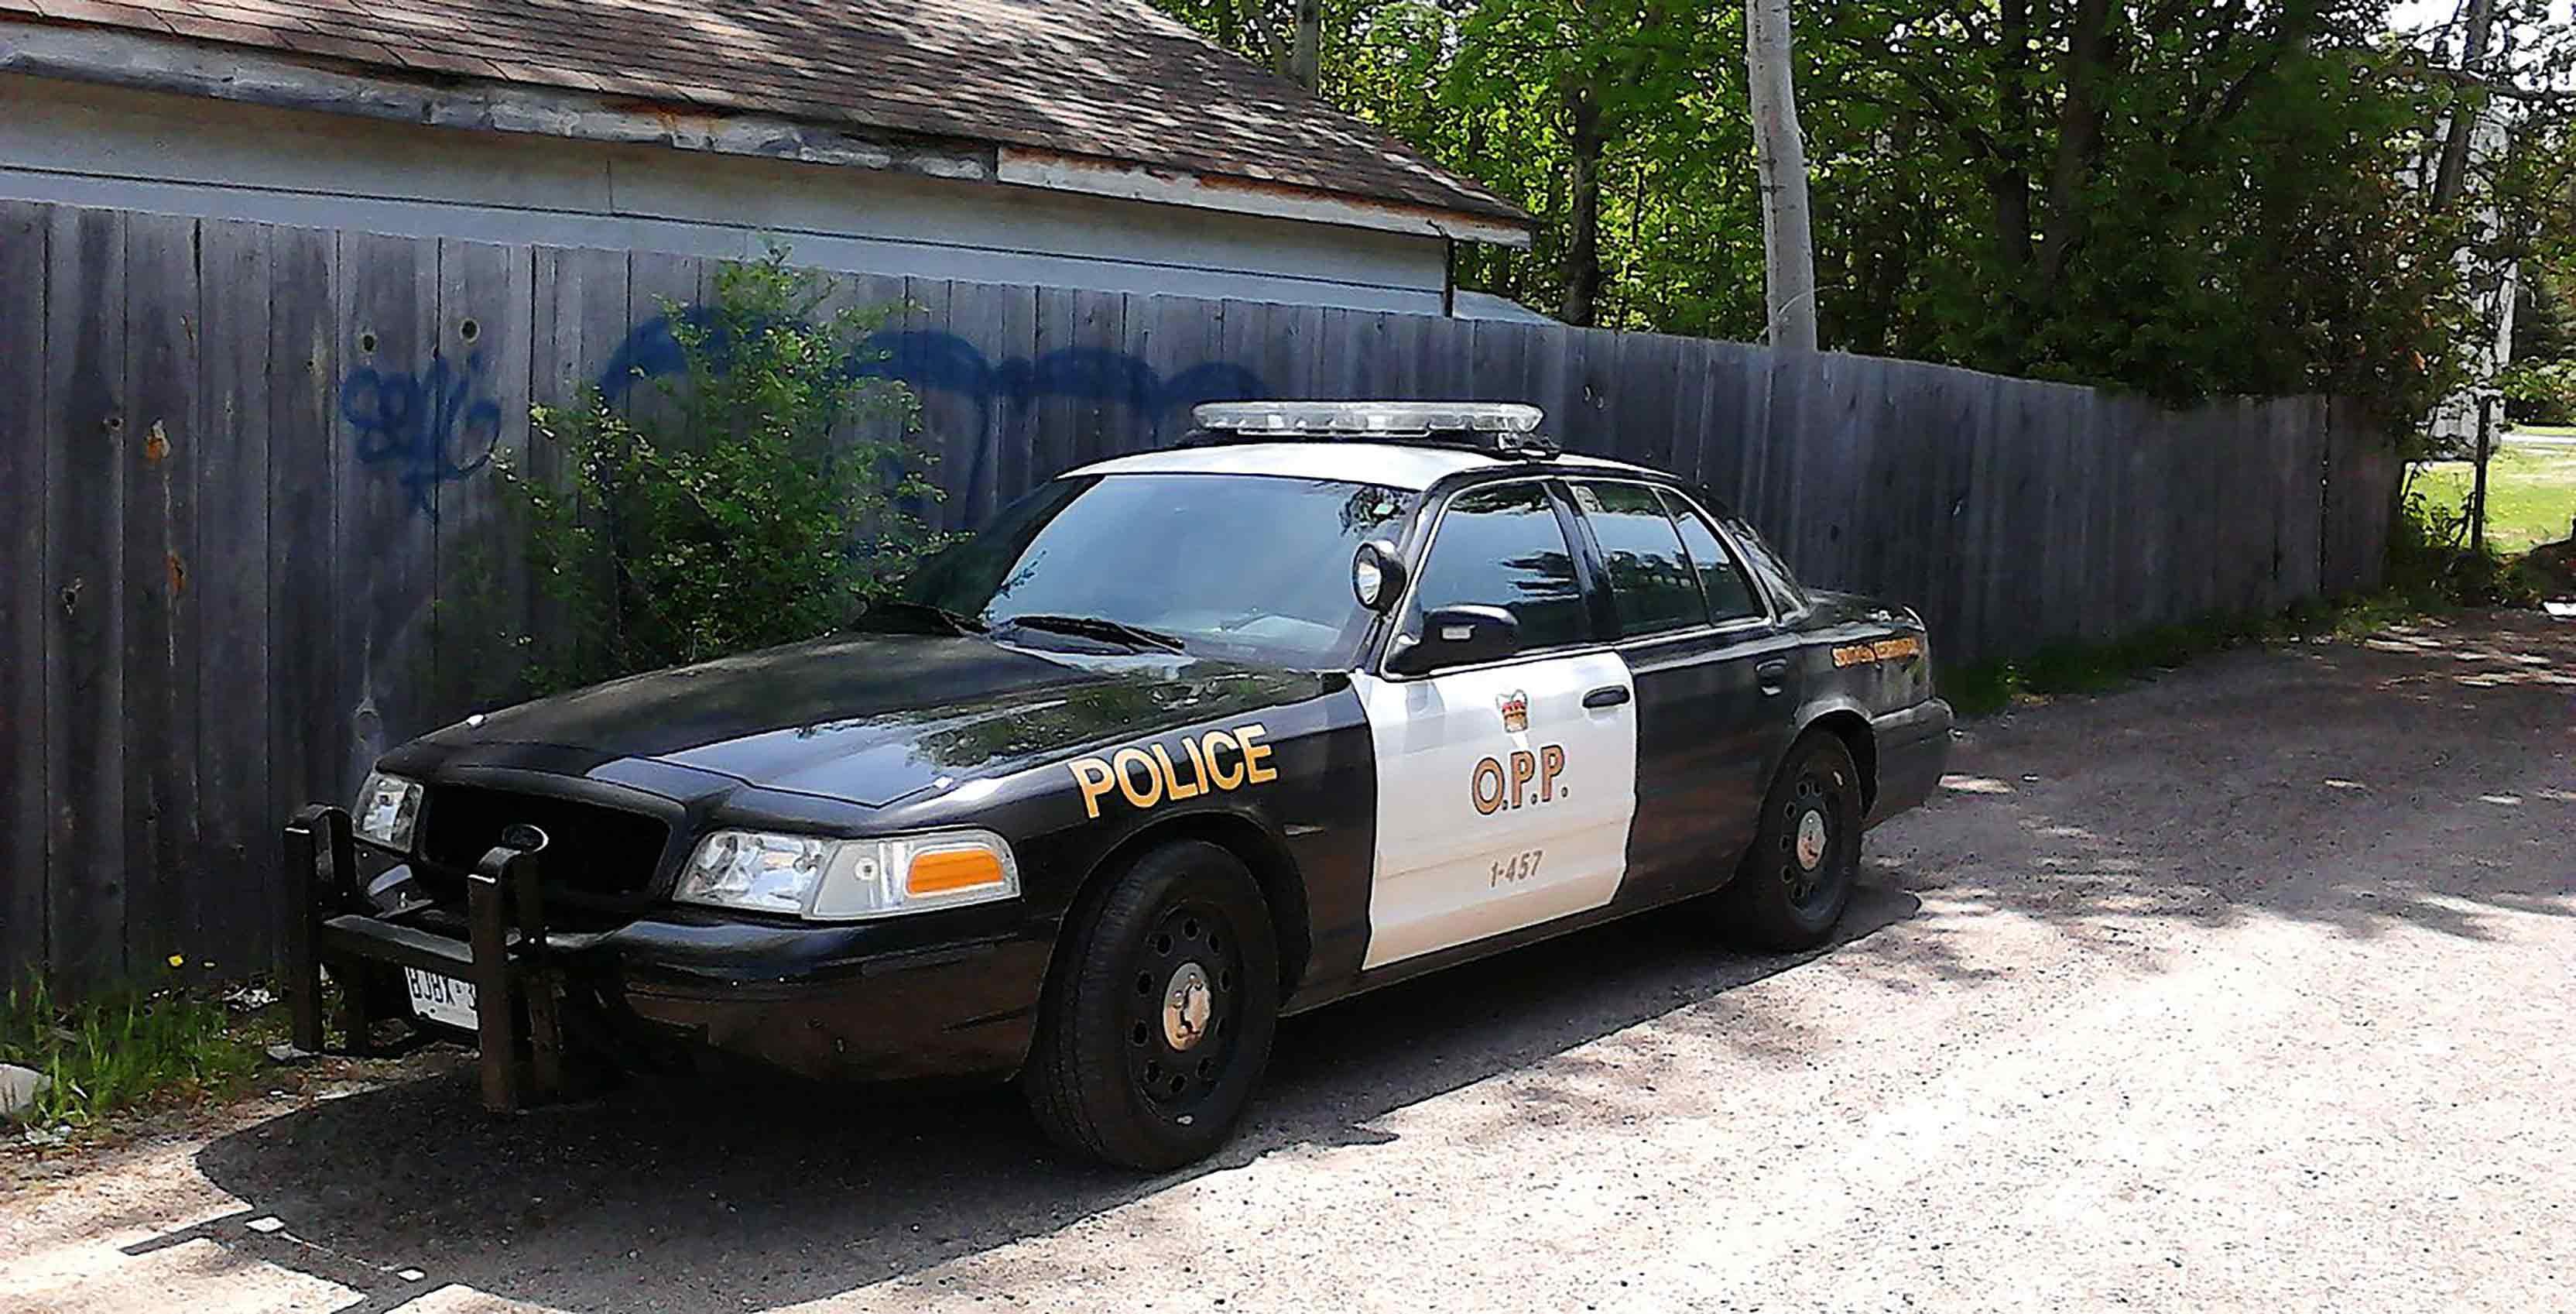 OPP cruiser parked